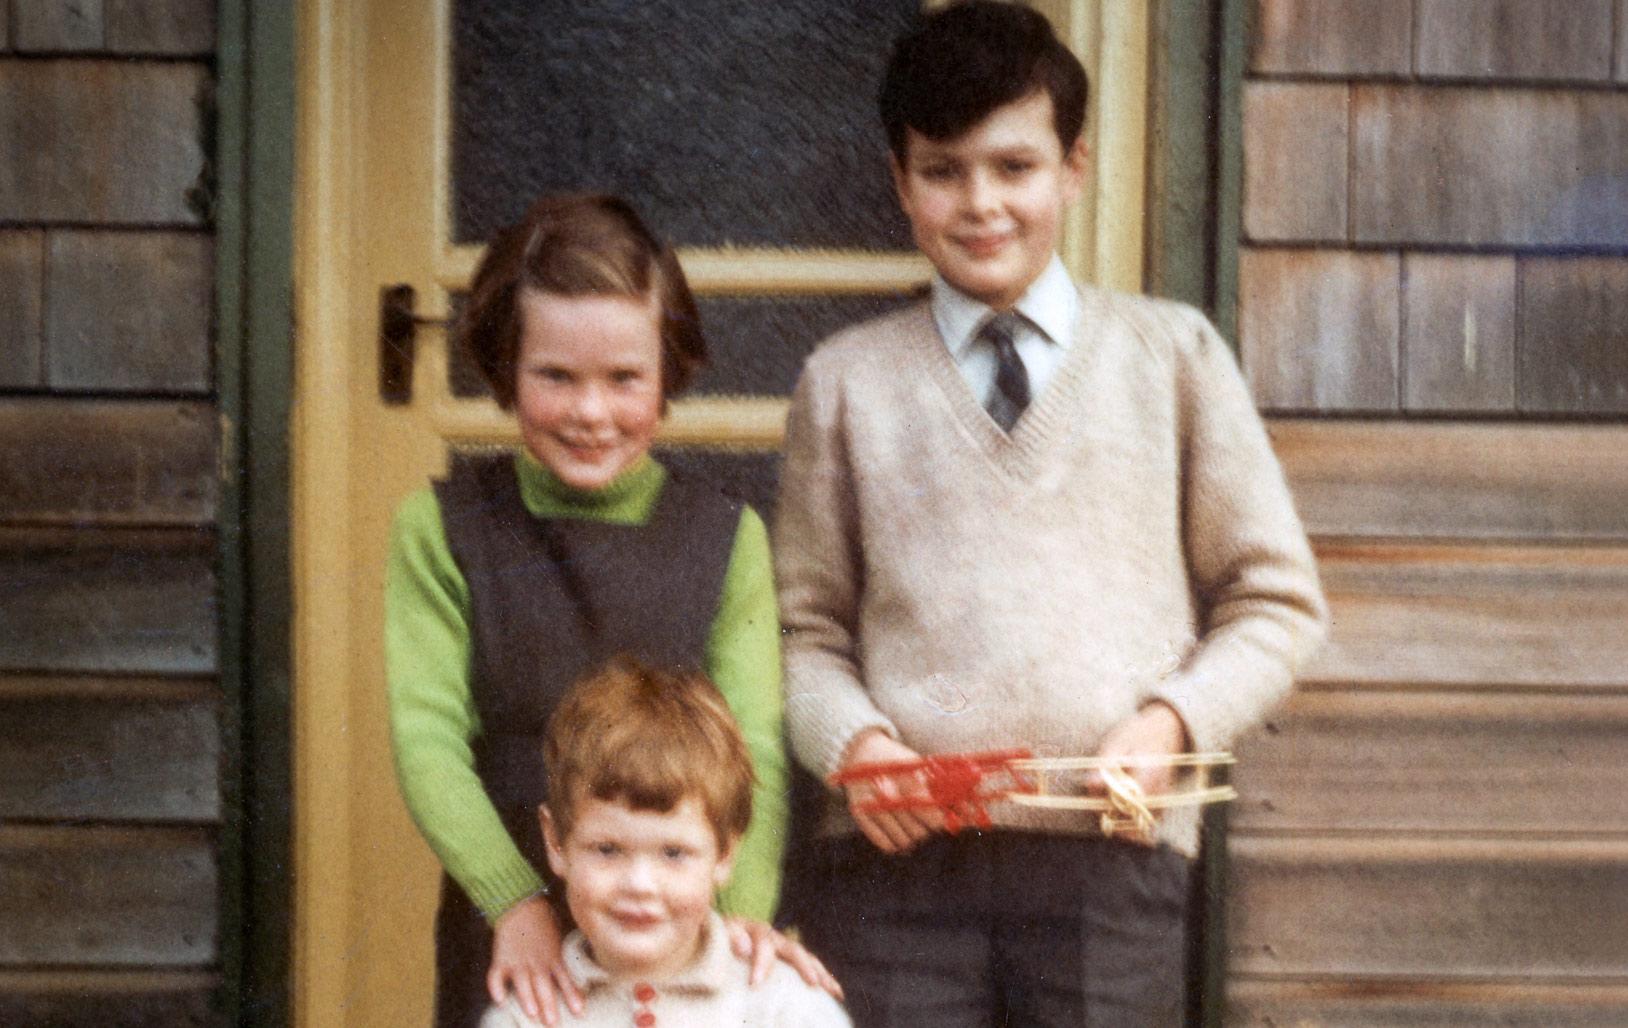 Family-Photo-Restorer